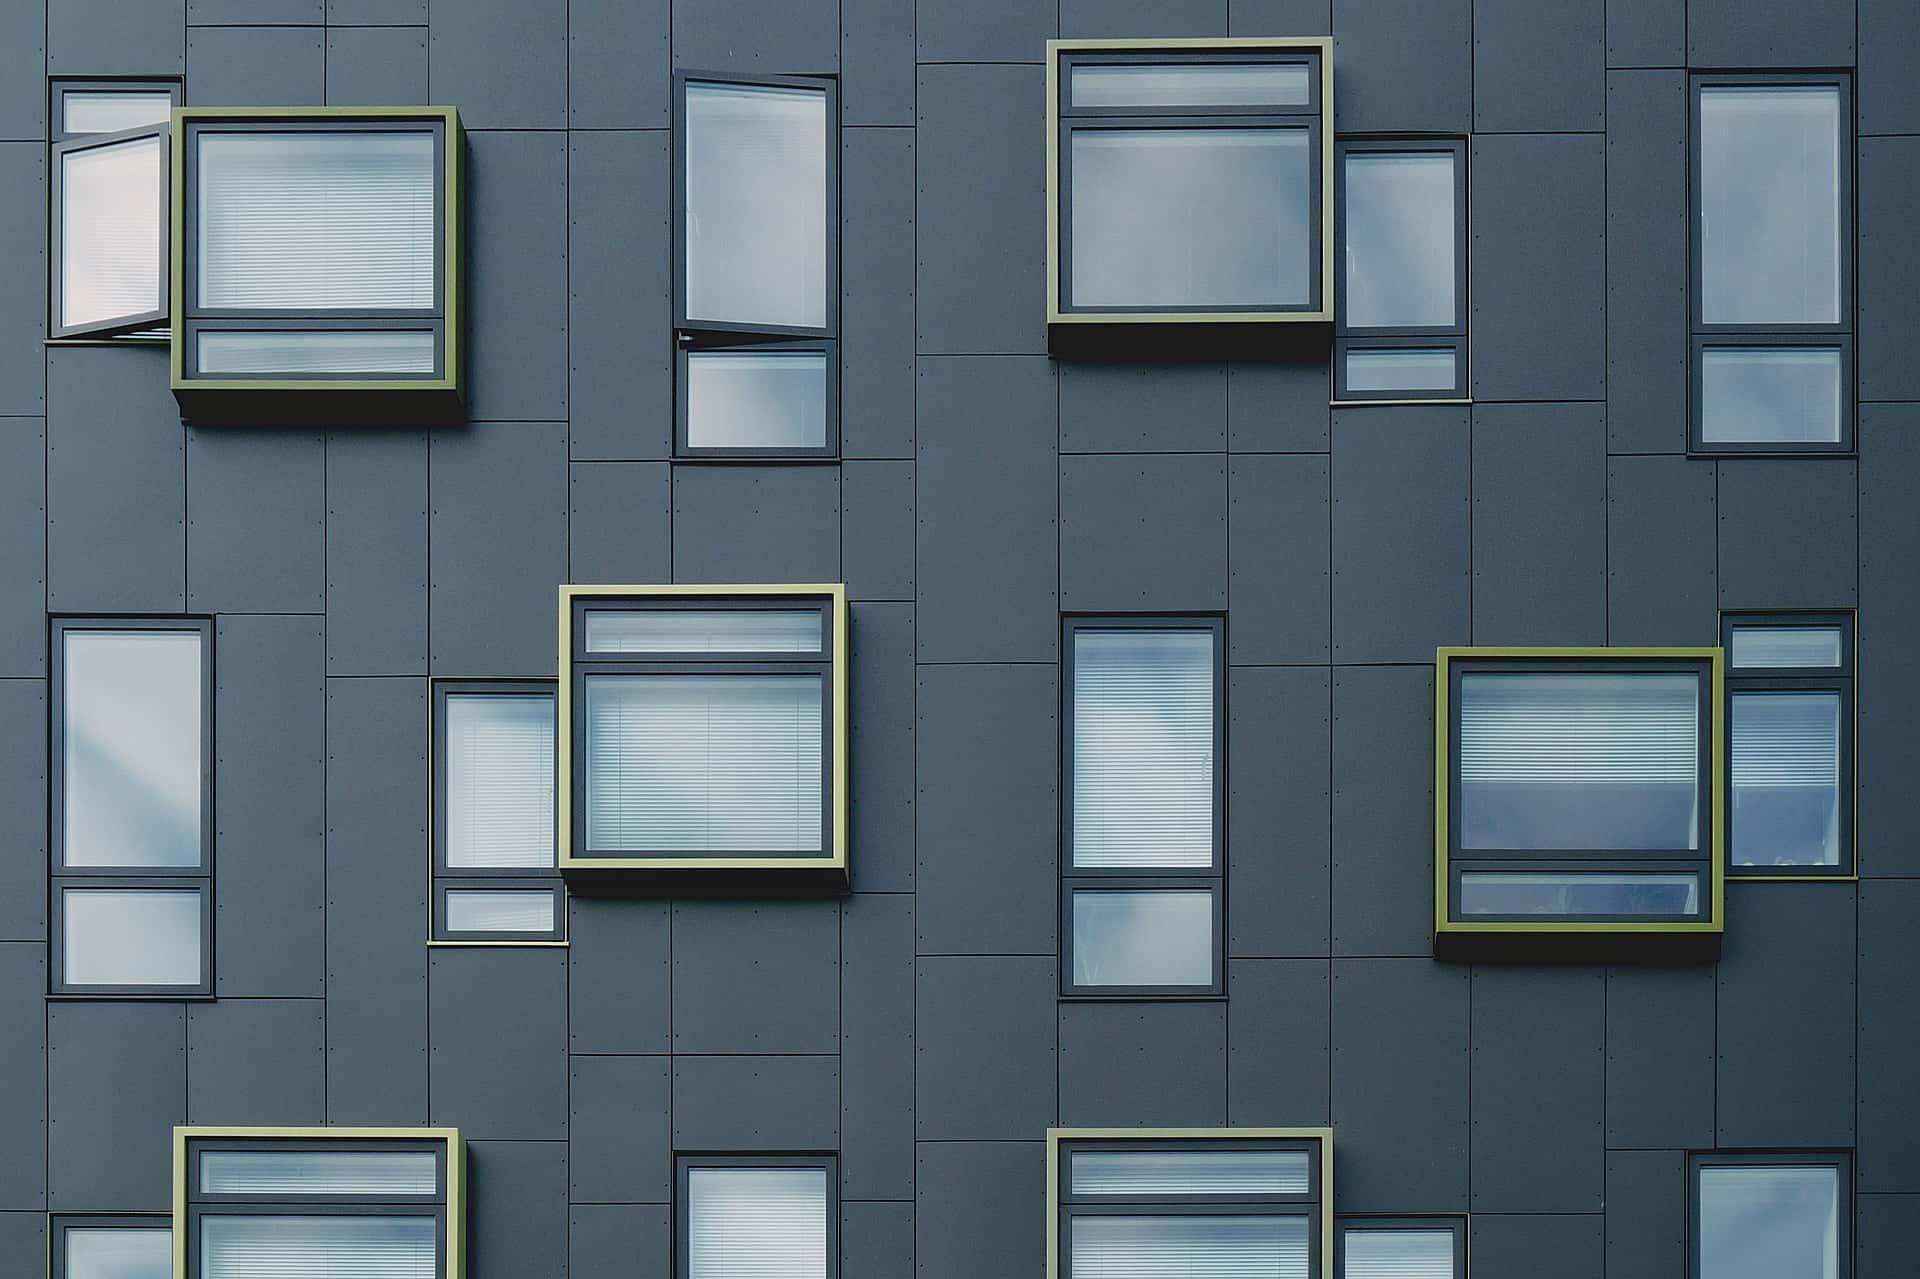 Fenstersicherung: Test & Empfehlungen (01/21)